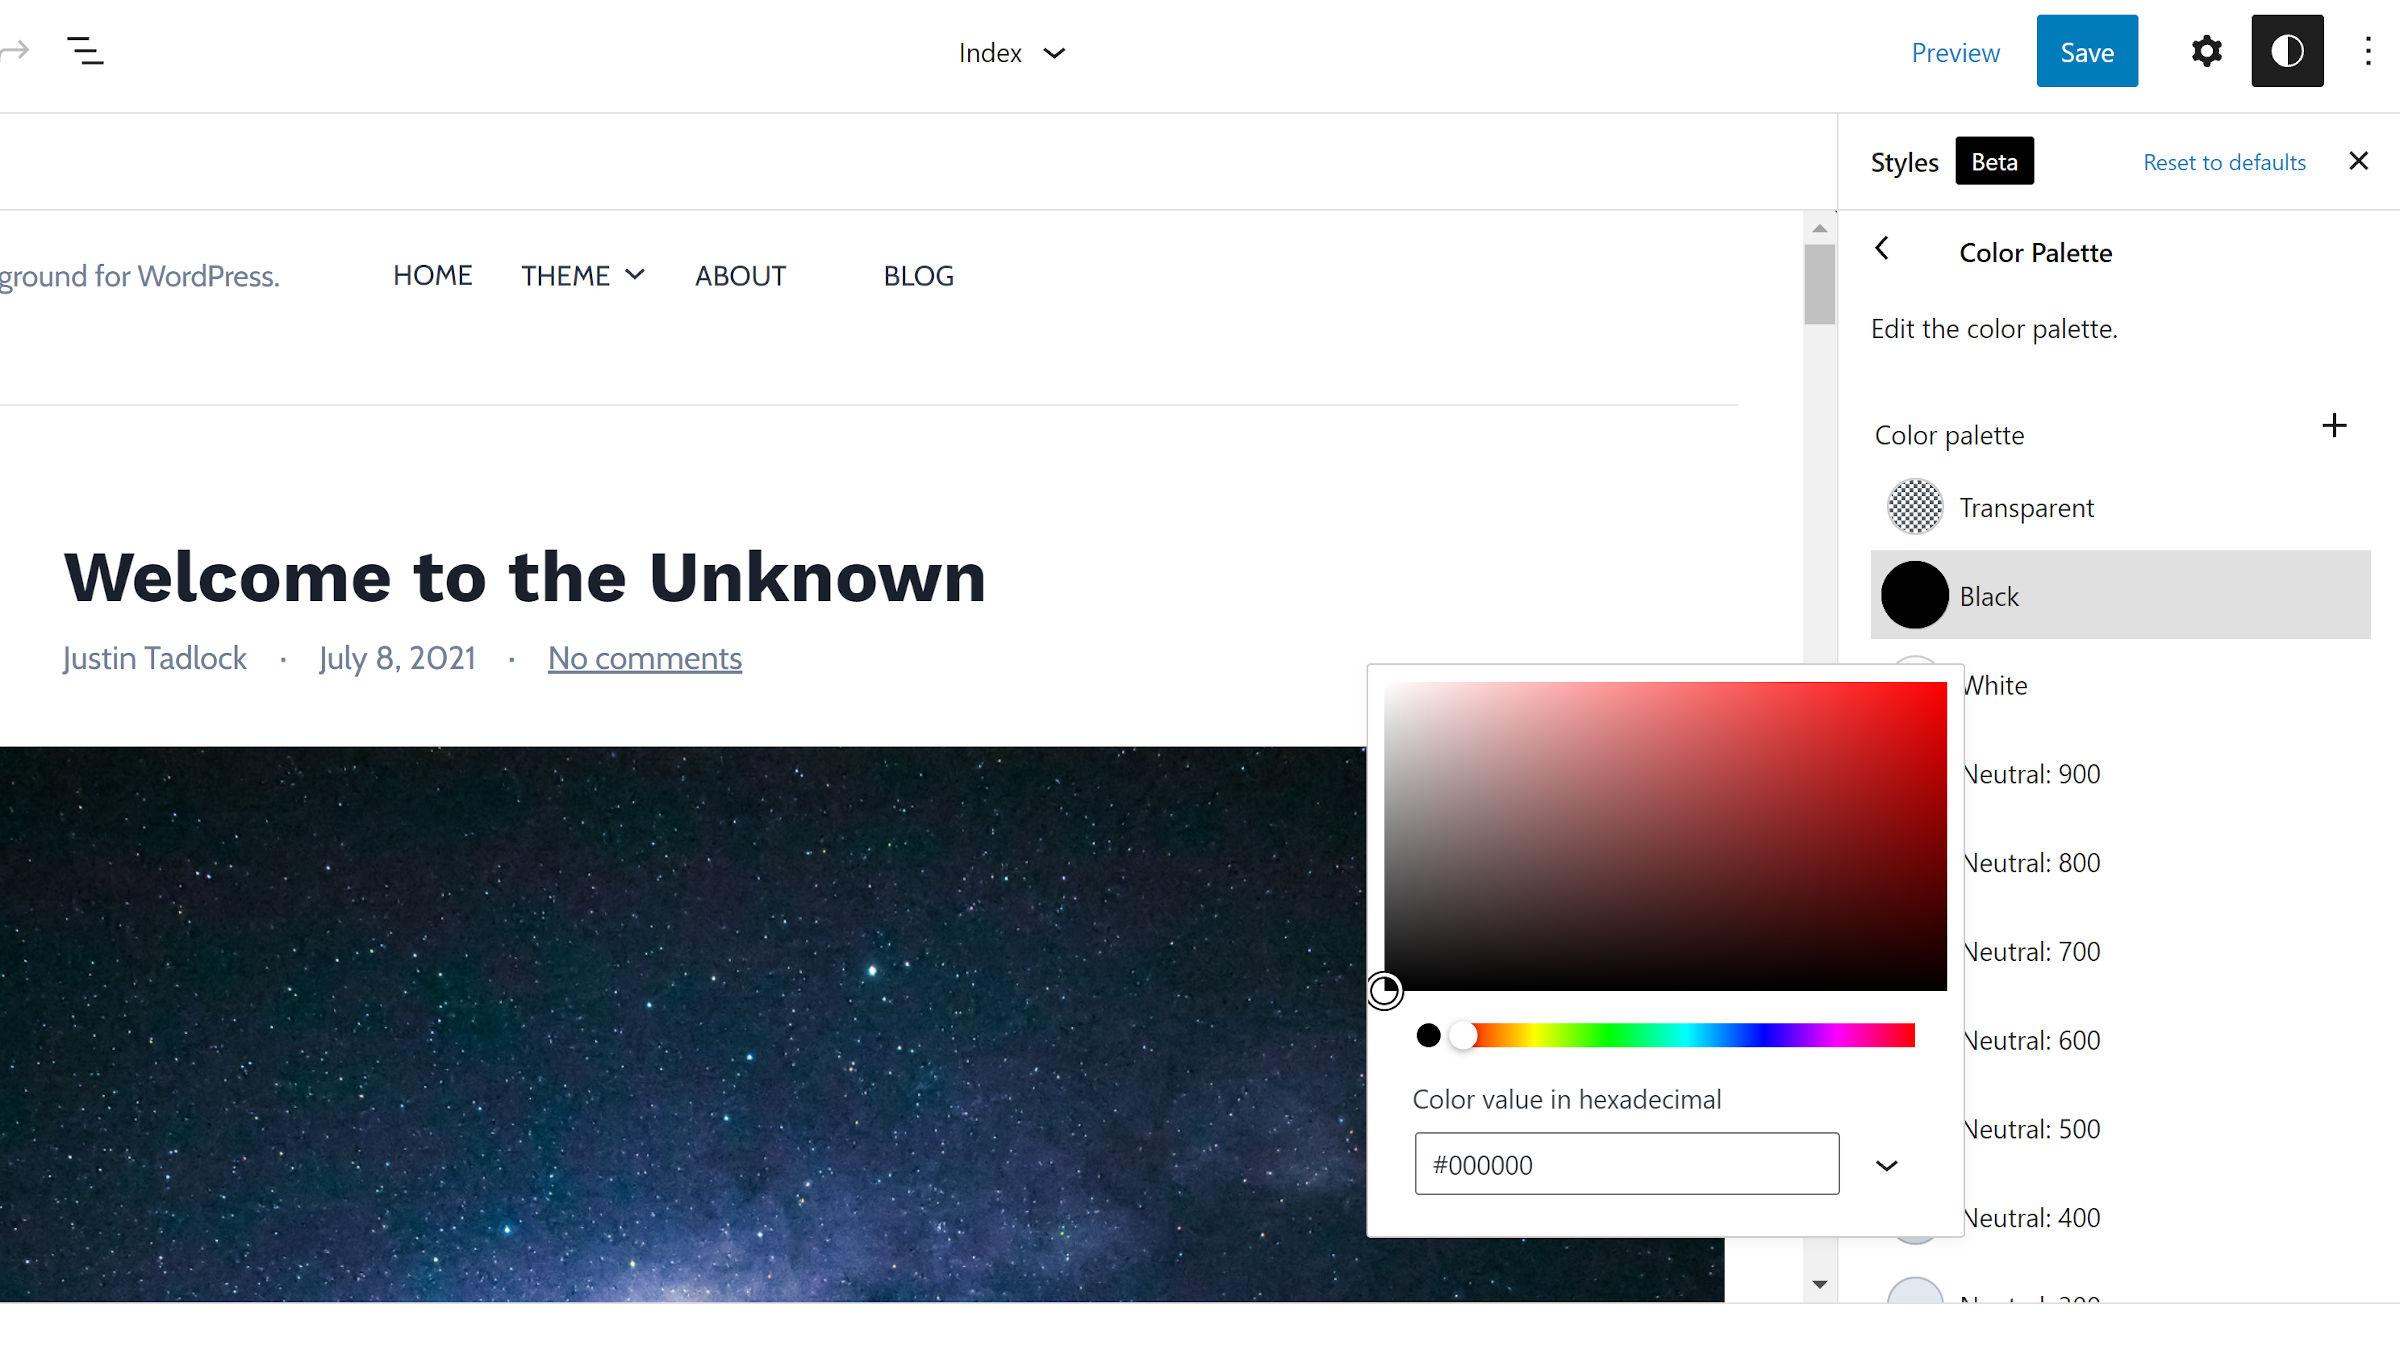 La sezione Tavolozza dei colori è stata aperta nella barra laterale Stili globali nell'editor del sito WordPress. Selettore colore aperto.